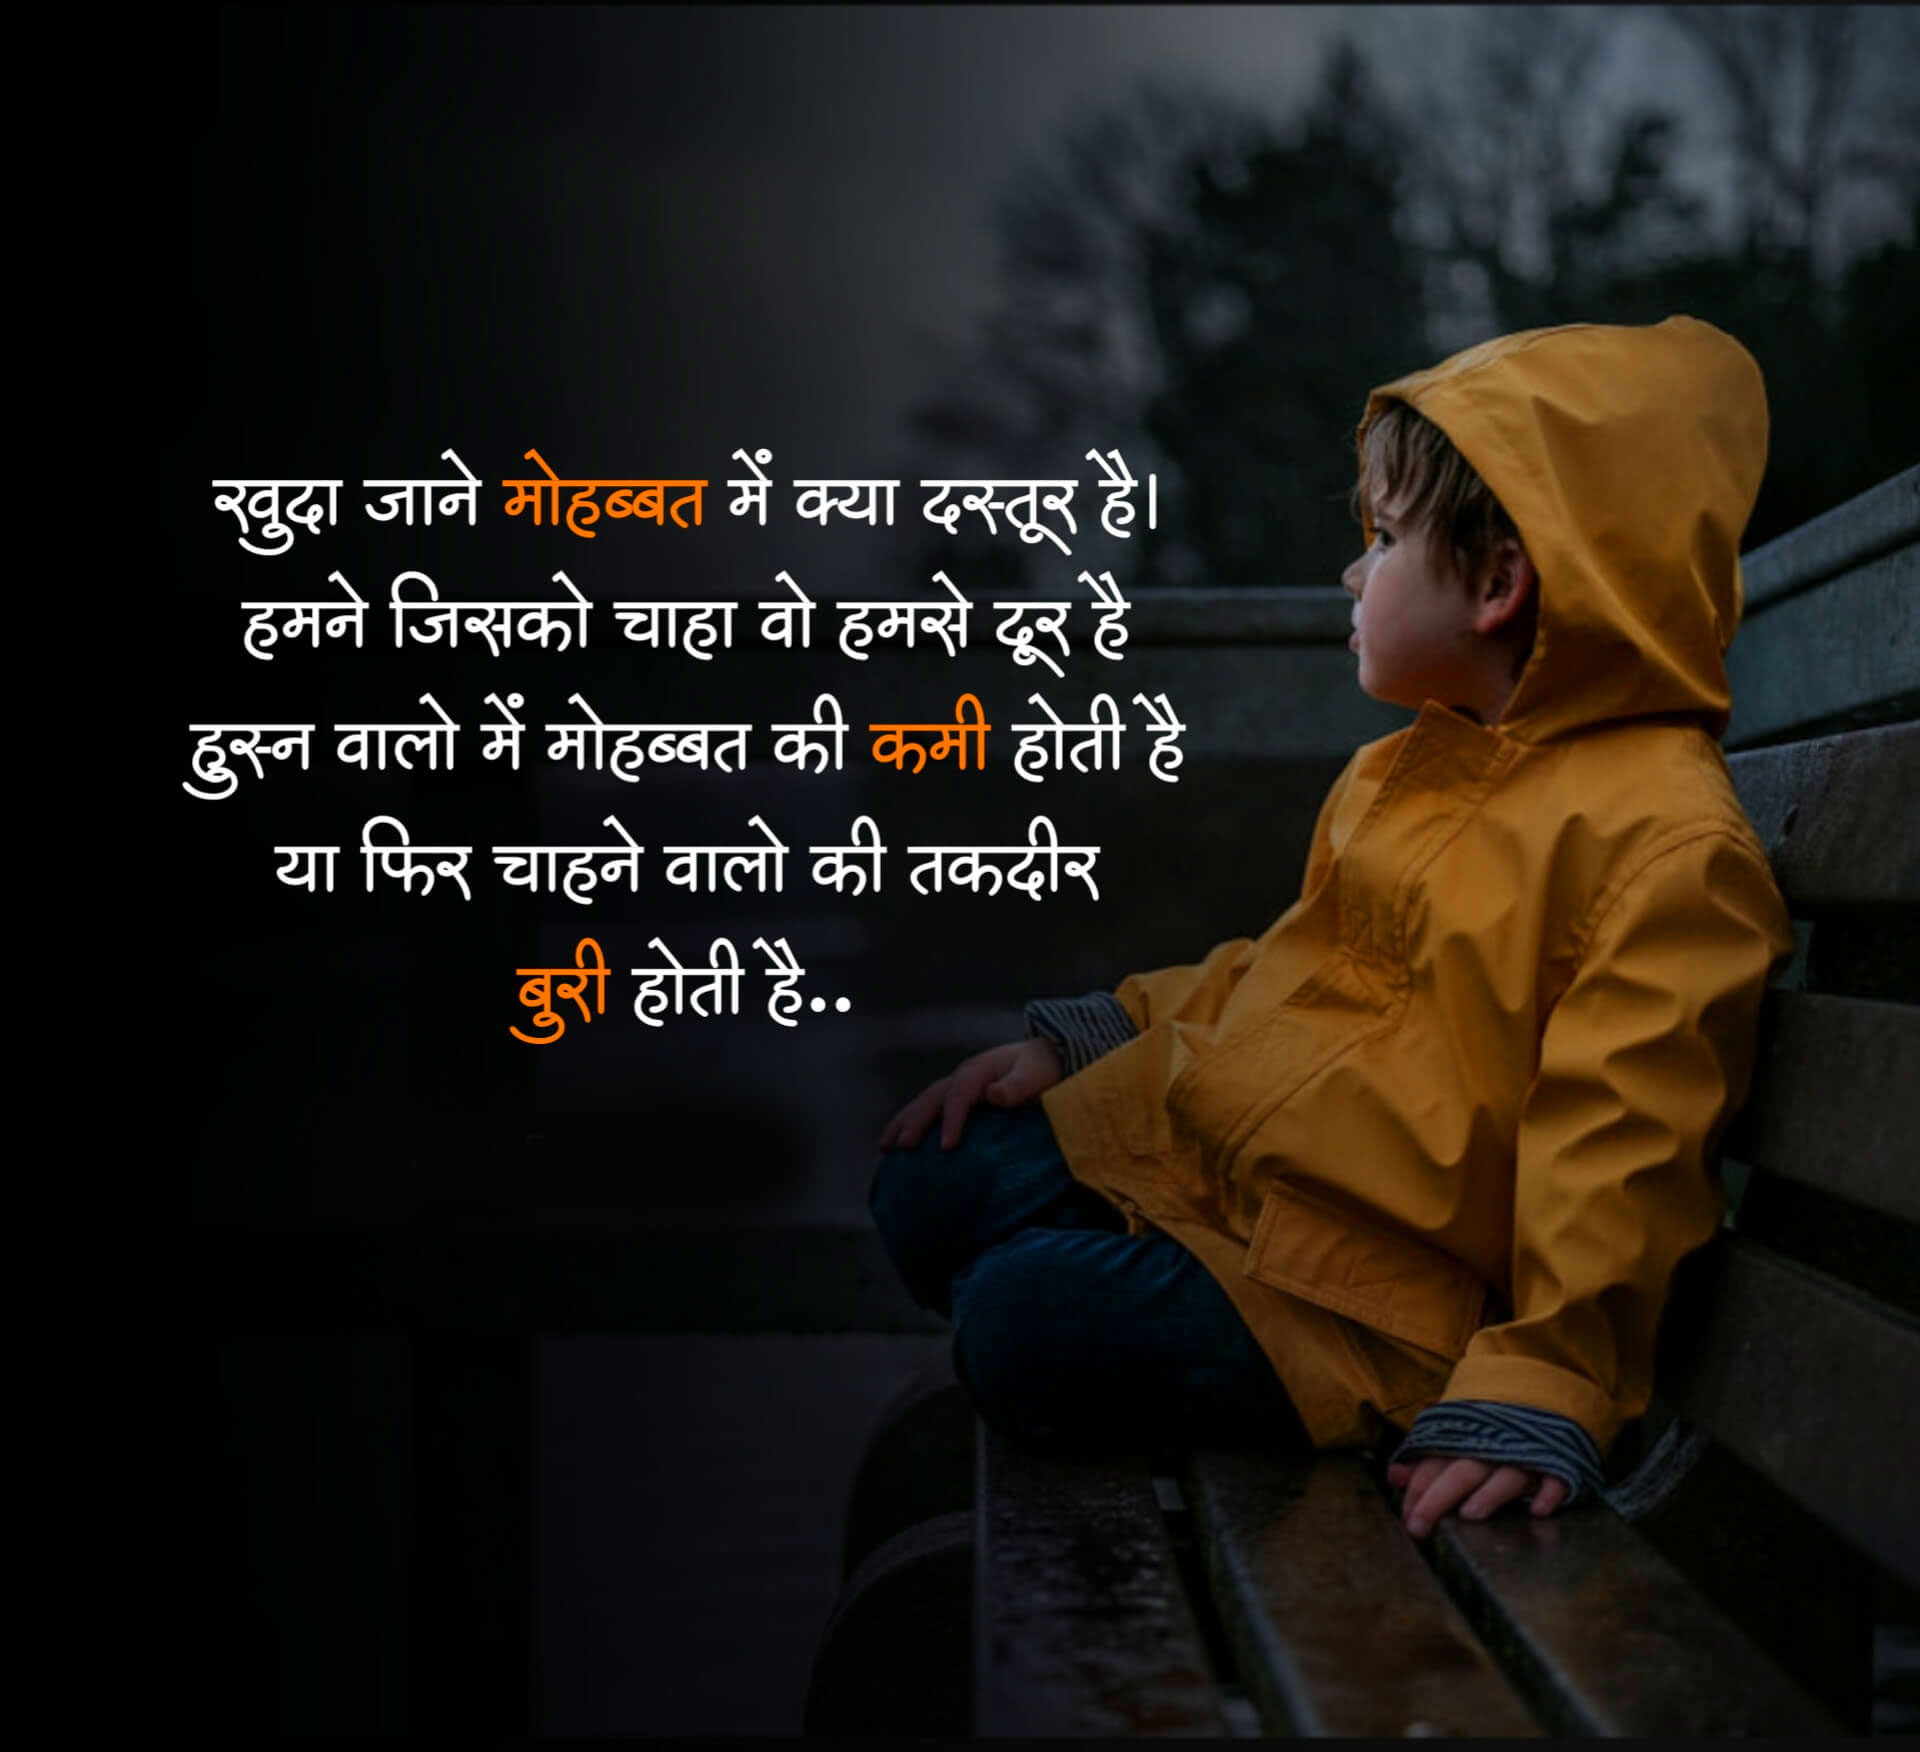 Latest Sad Boy Shayari Images for status